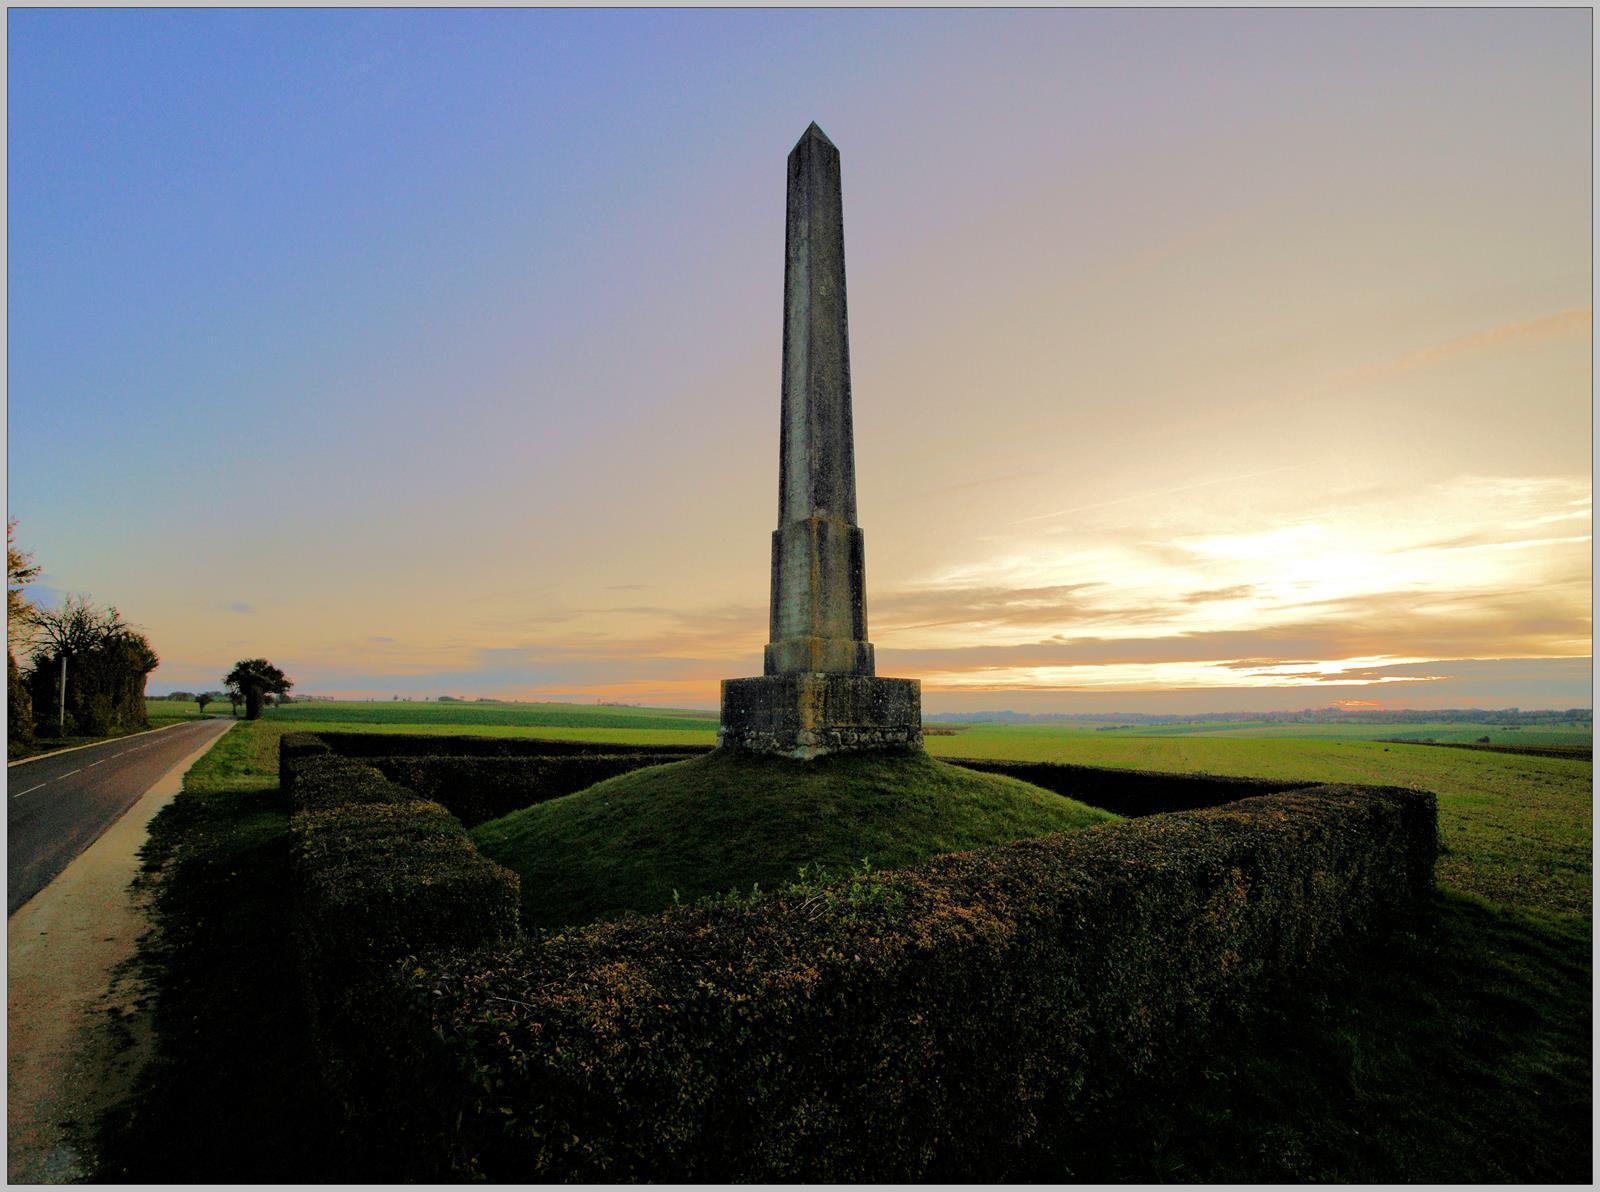 L'obélisque de la bataille de Fontenoy